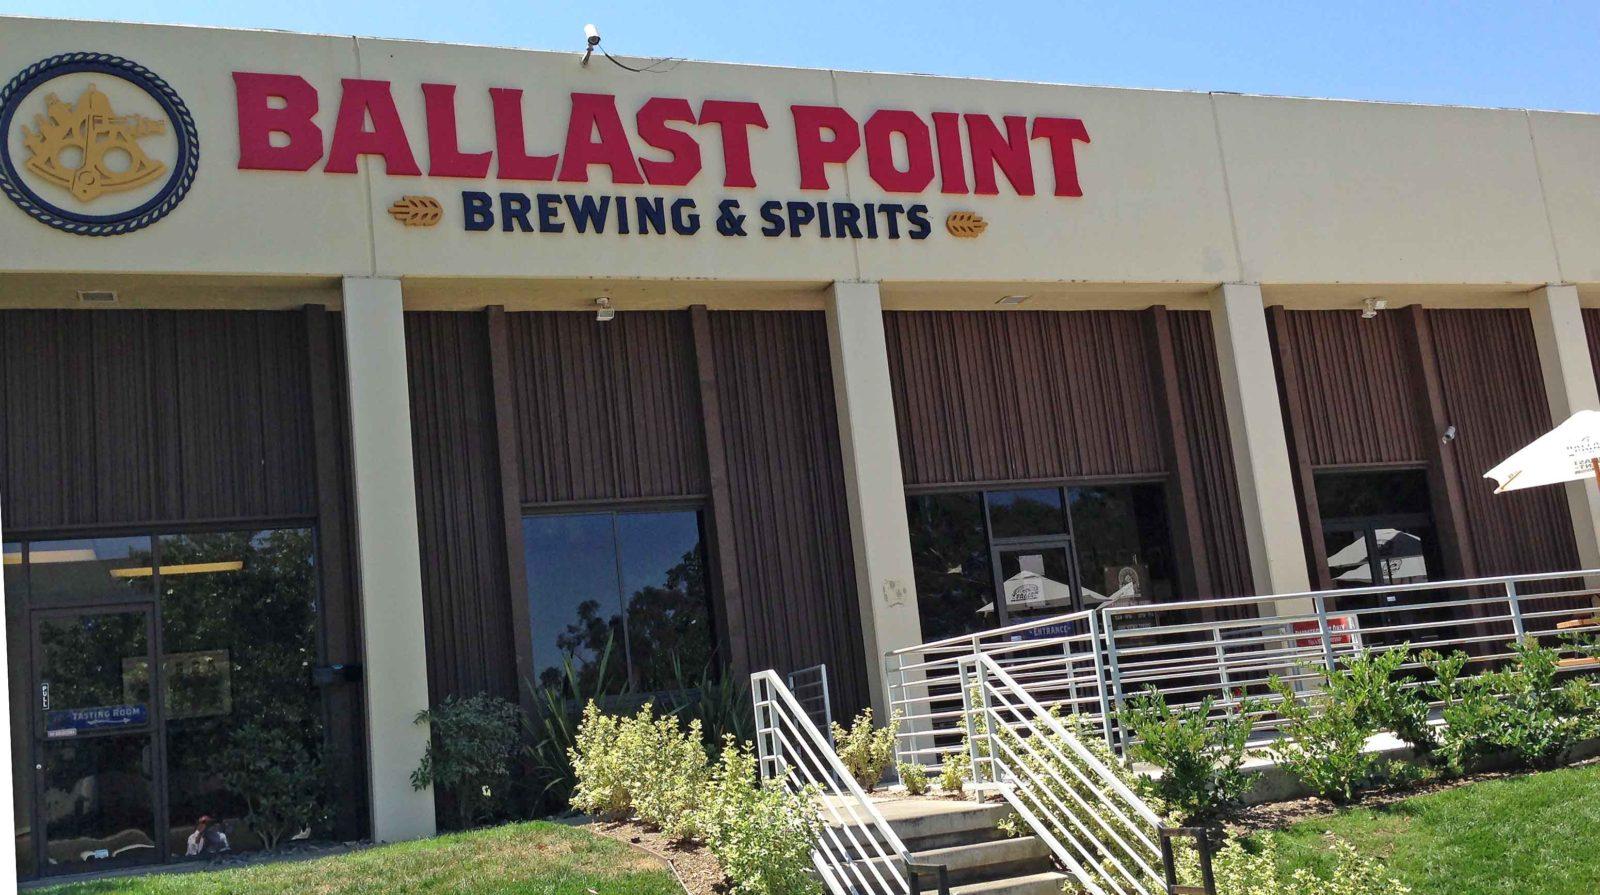 161. Ballast Point Brewery, San Diego CA 2013